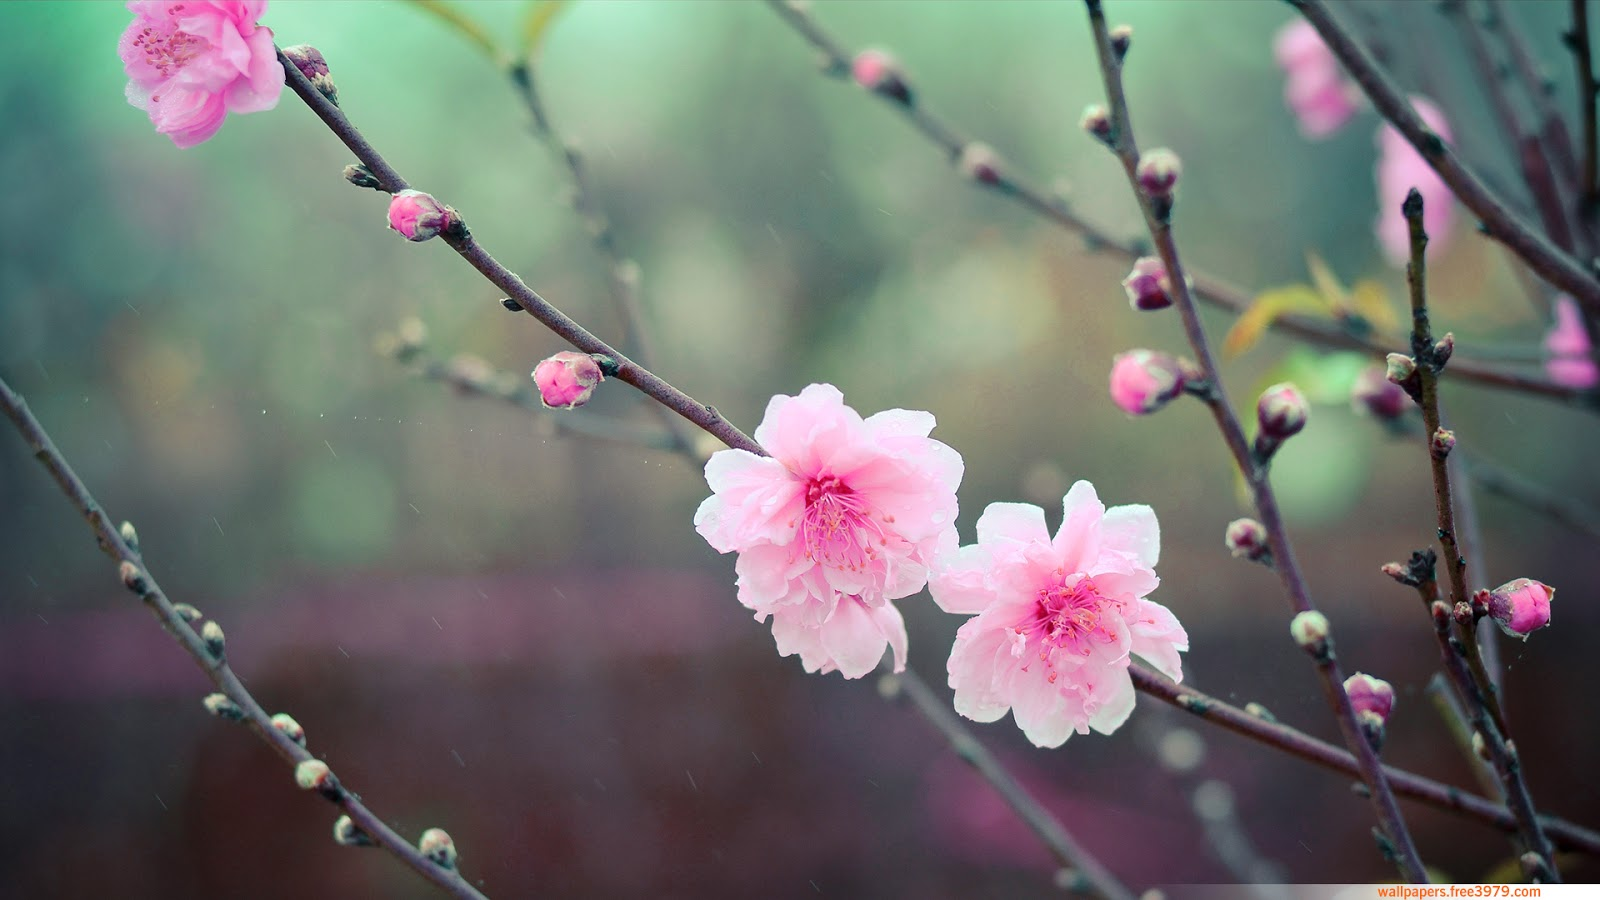 Asian_flower